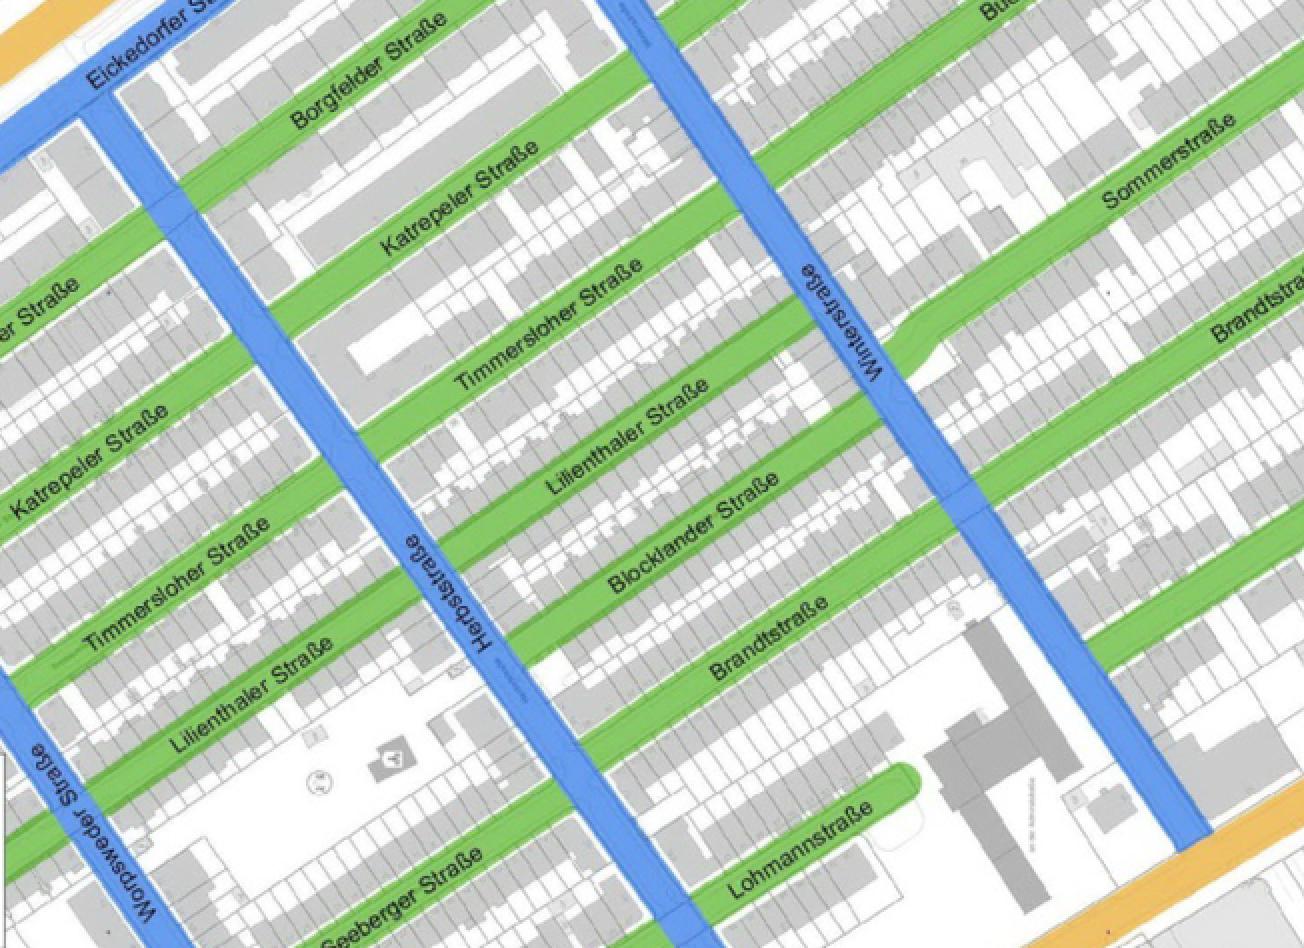 Bewohnerparken für Findorff: Wie es jetzt weitergeht